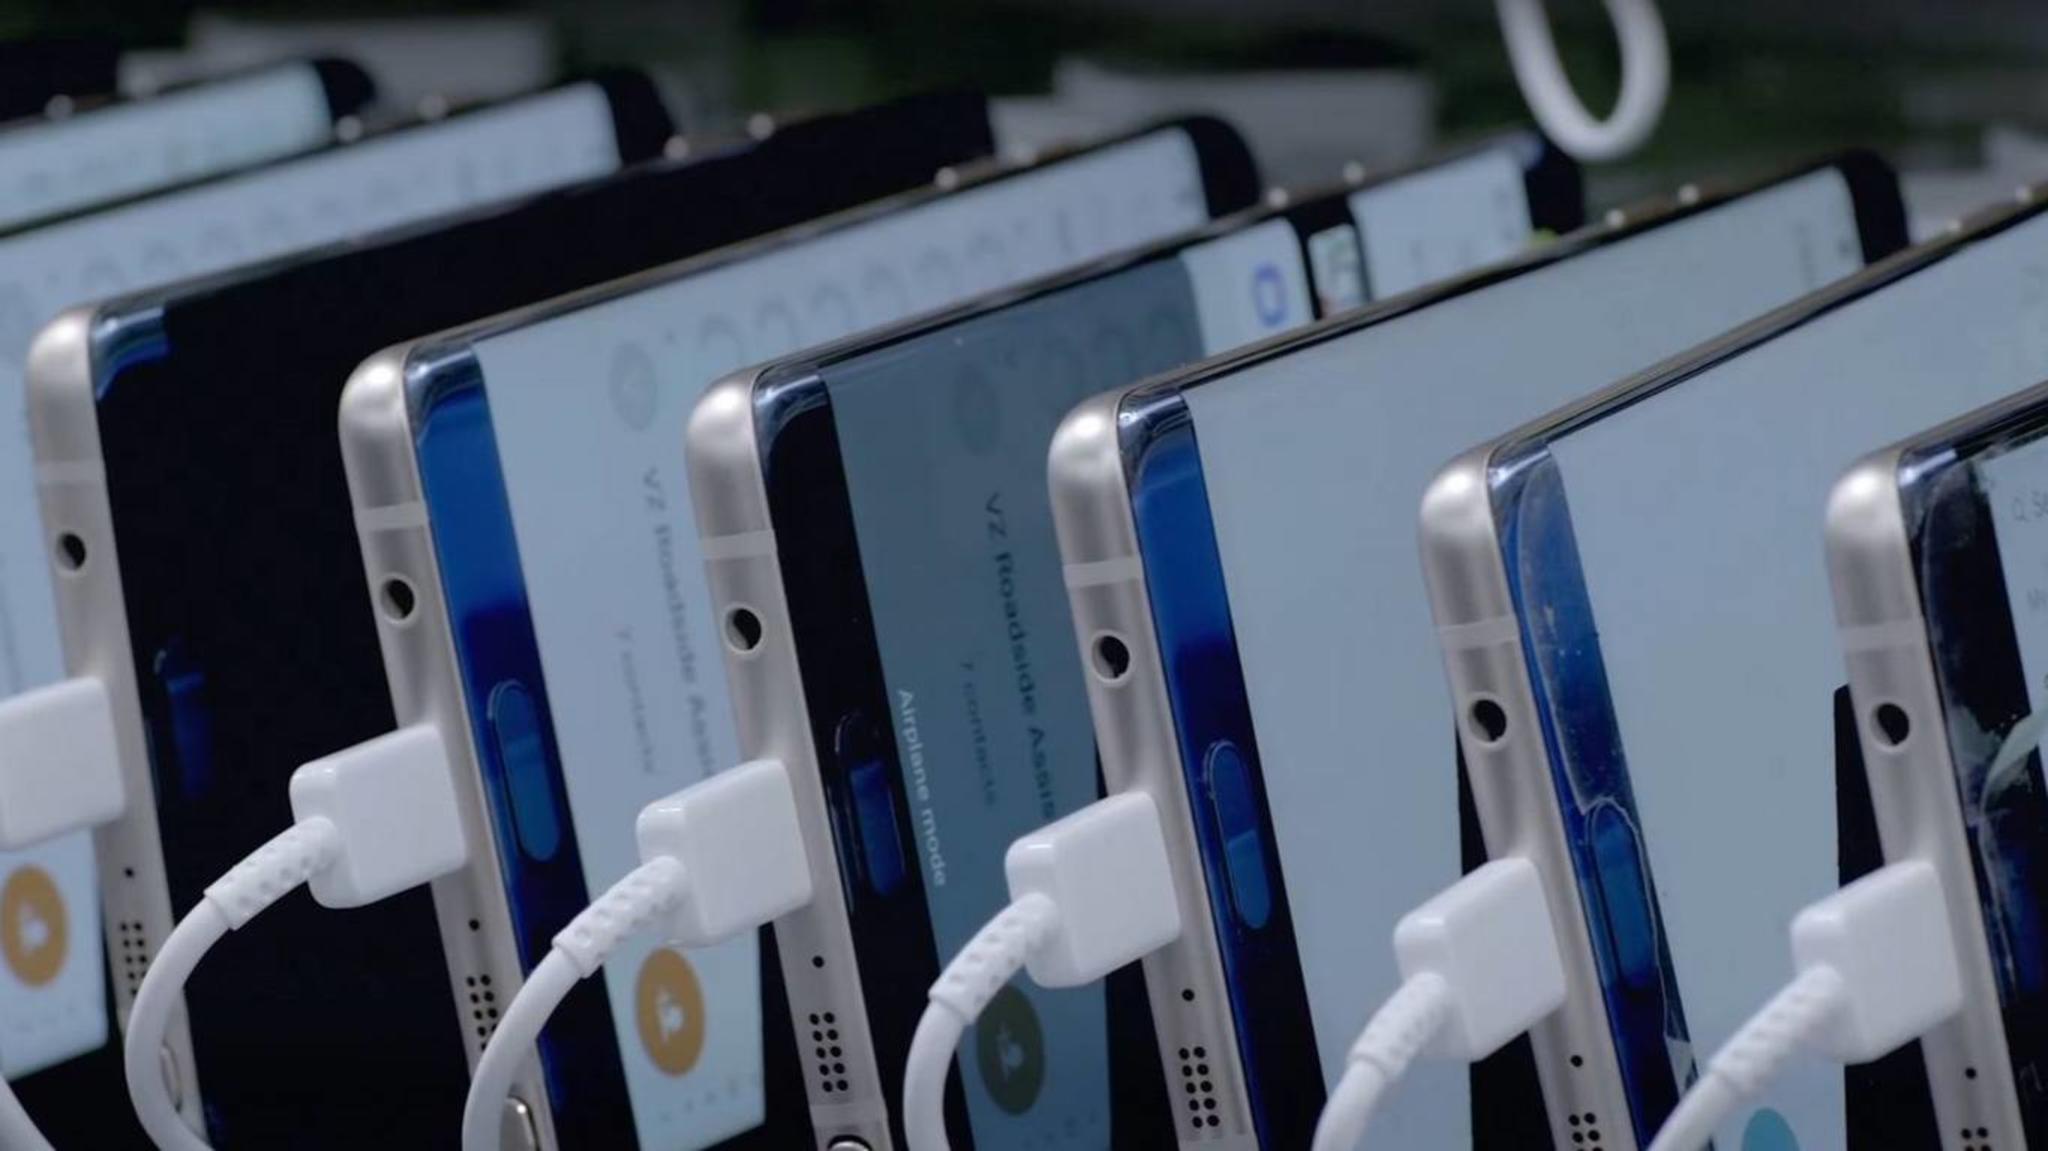 Gewohntes Bild: Moderne Smartphones müssen im Prinzip täglich an die Steckdose.